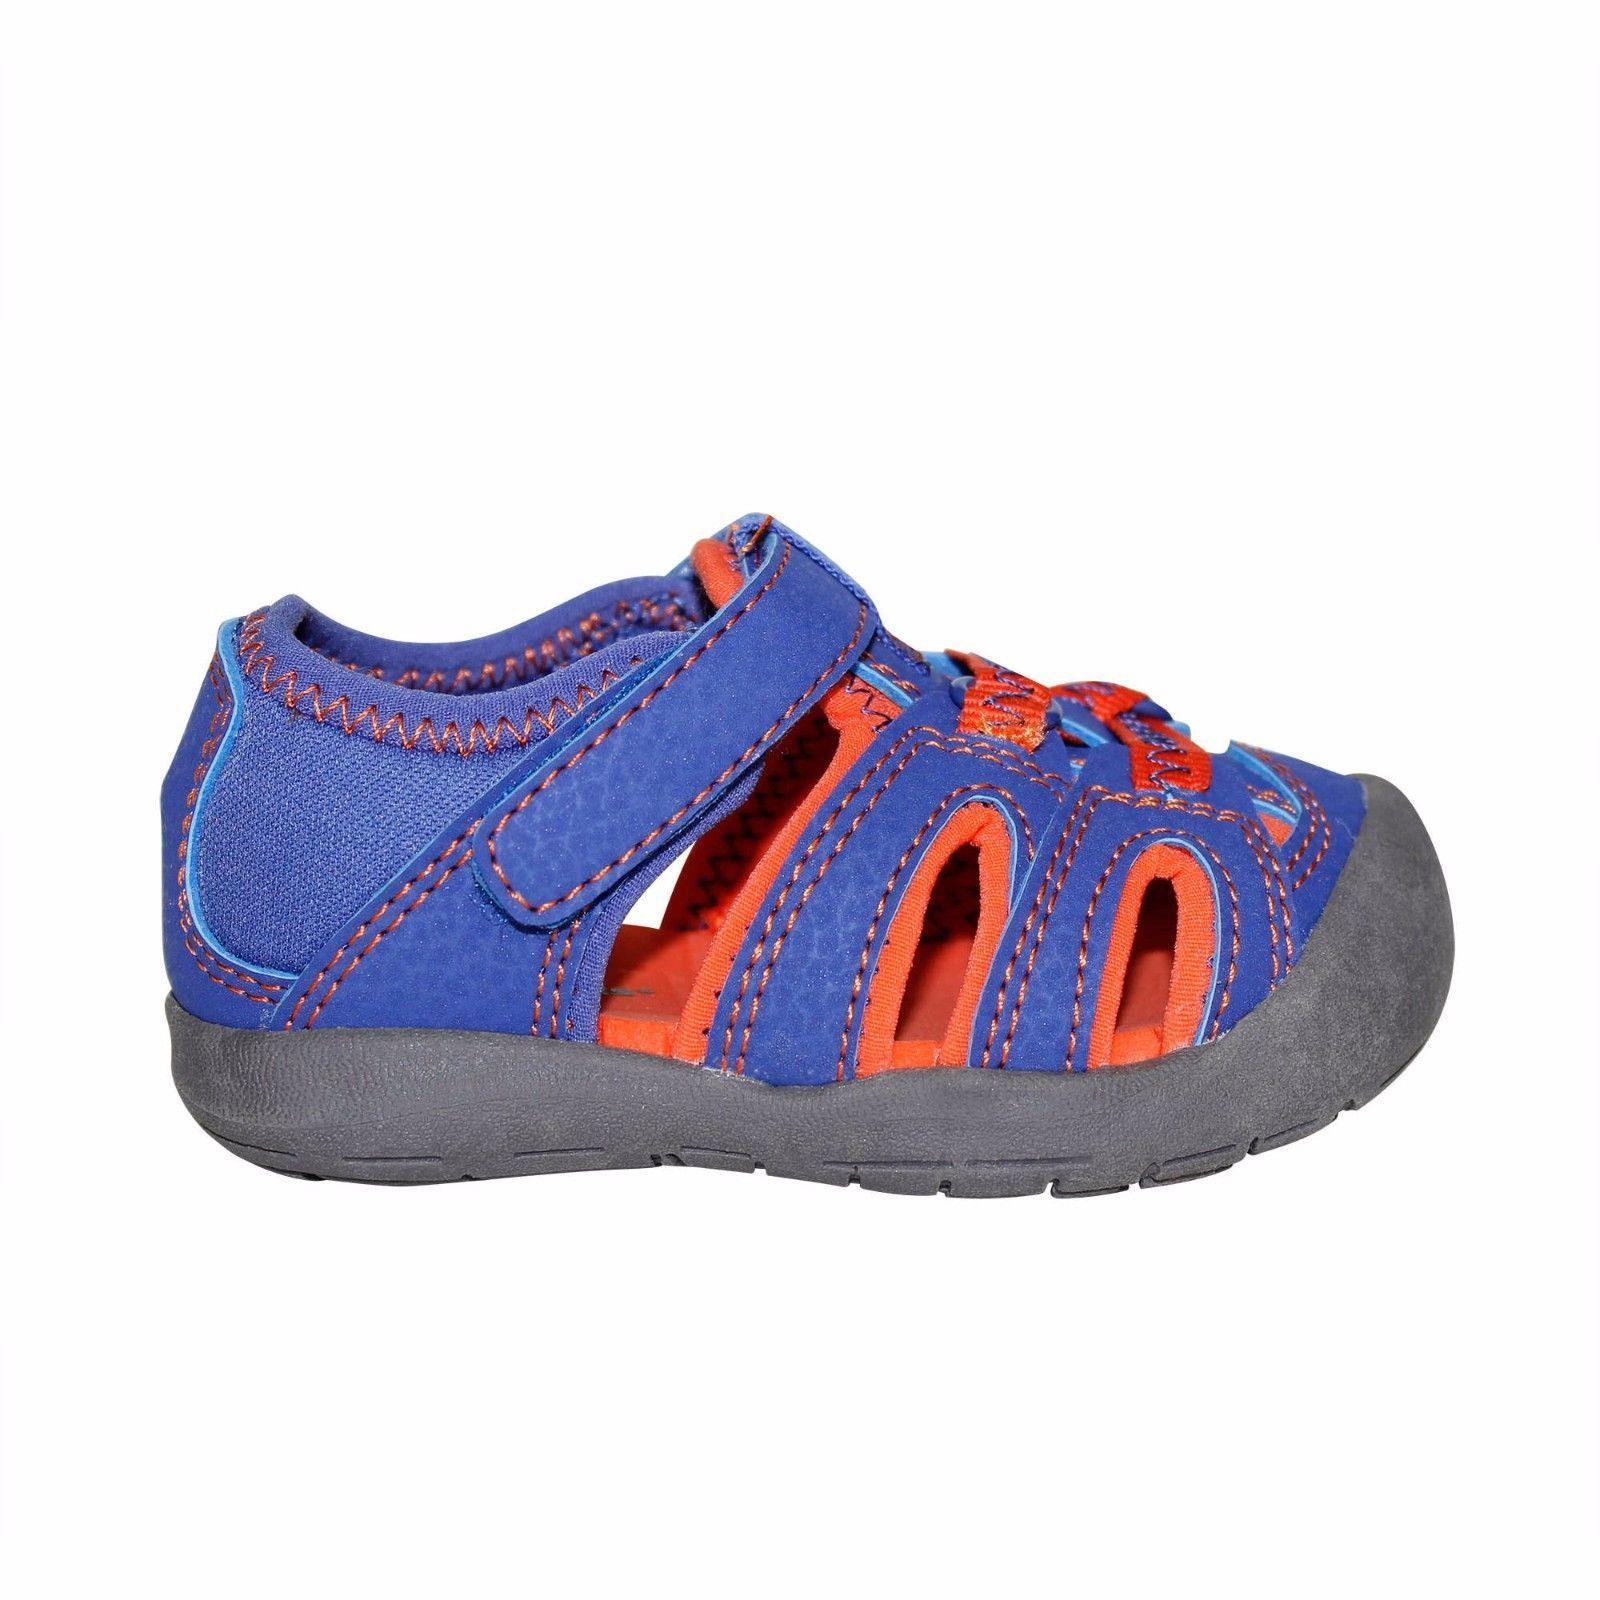 Garanimals Toddler Boys Sport Sandals Blue & Orange Size 3 New